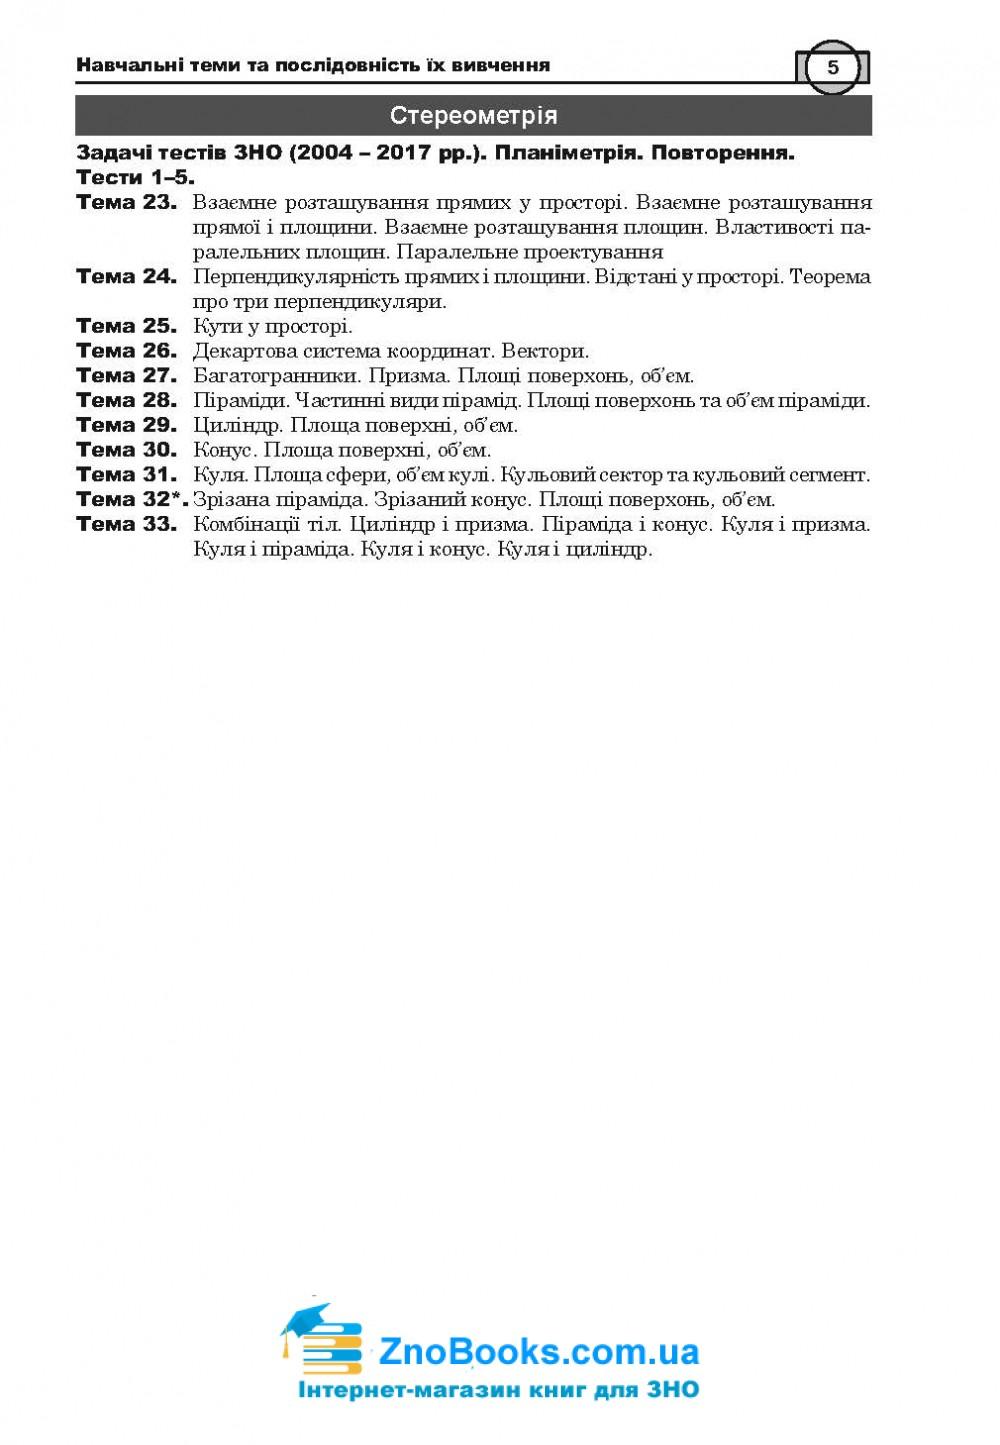 Математика ЗНО 2019 : комплексне видання. Частина ІV : стереометрія. Авт: Клочко І. Я. Вид-во: Навчальна книга - Богдан. купити 5